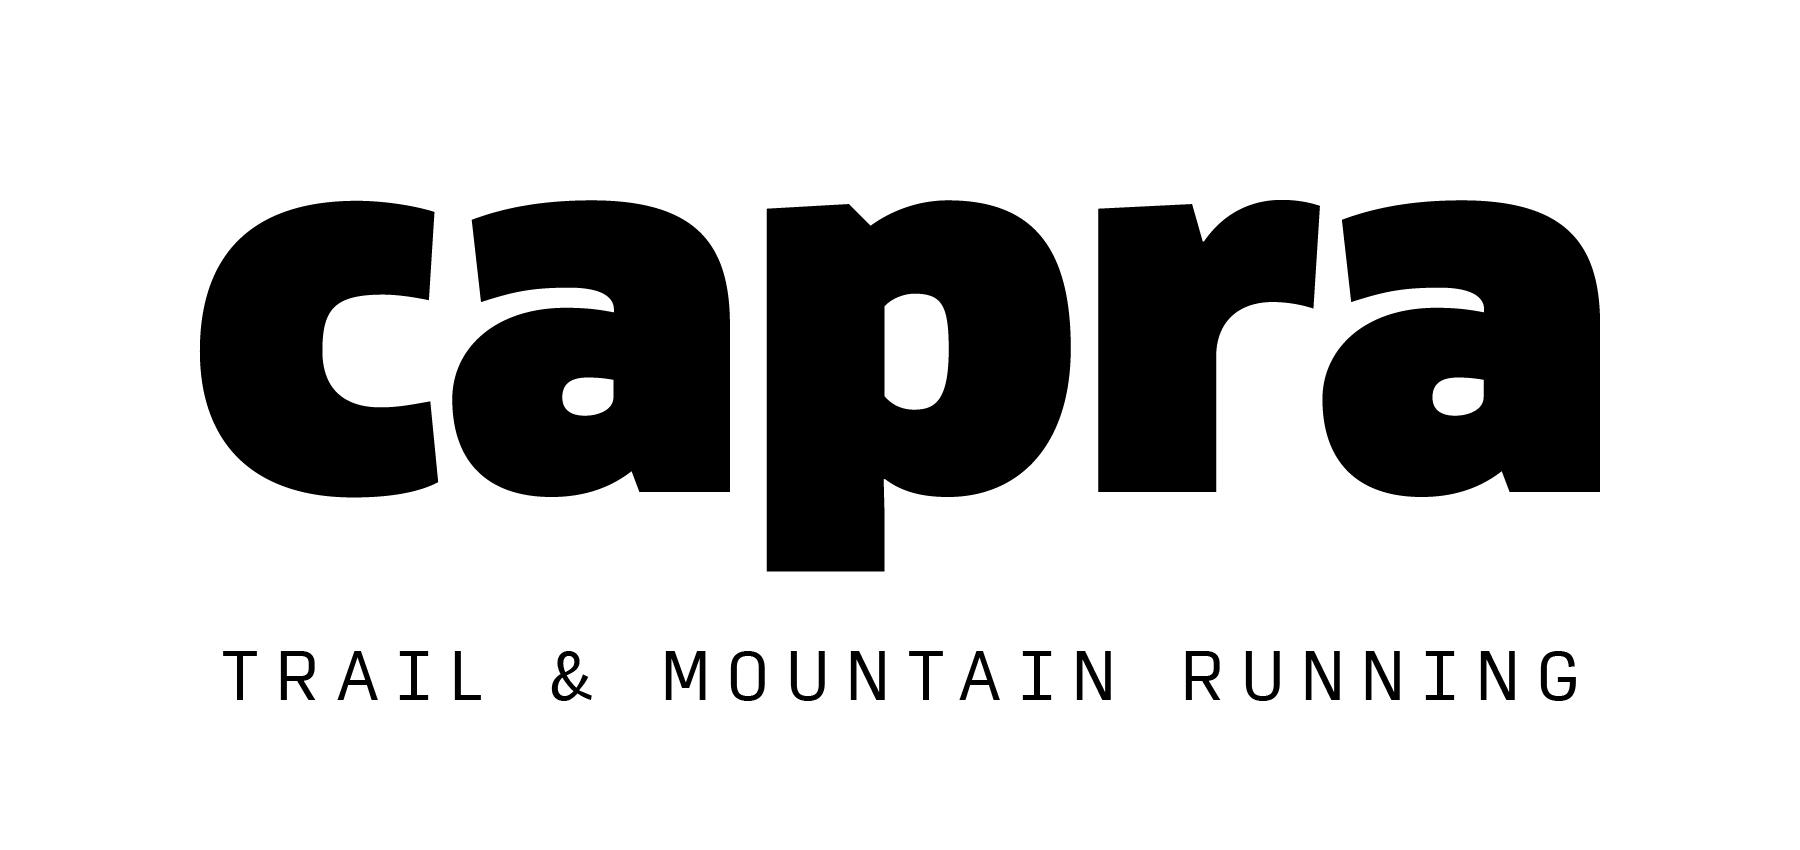 6 logo banner